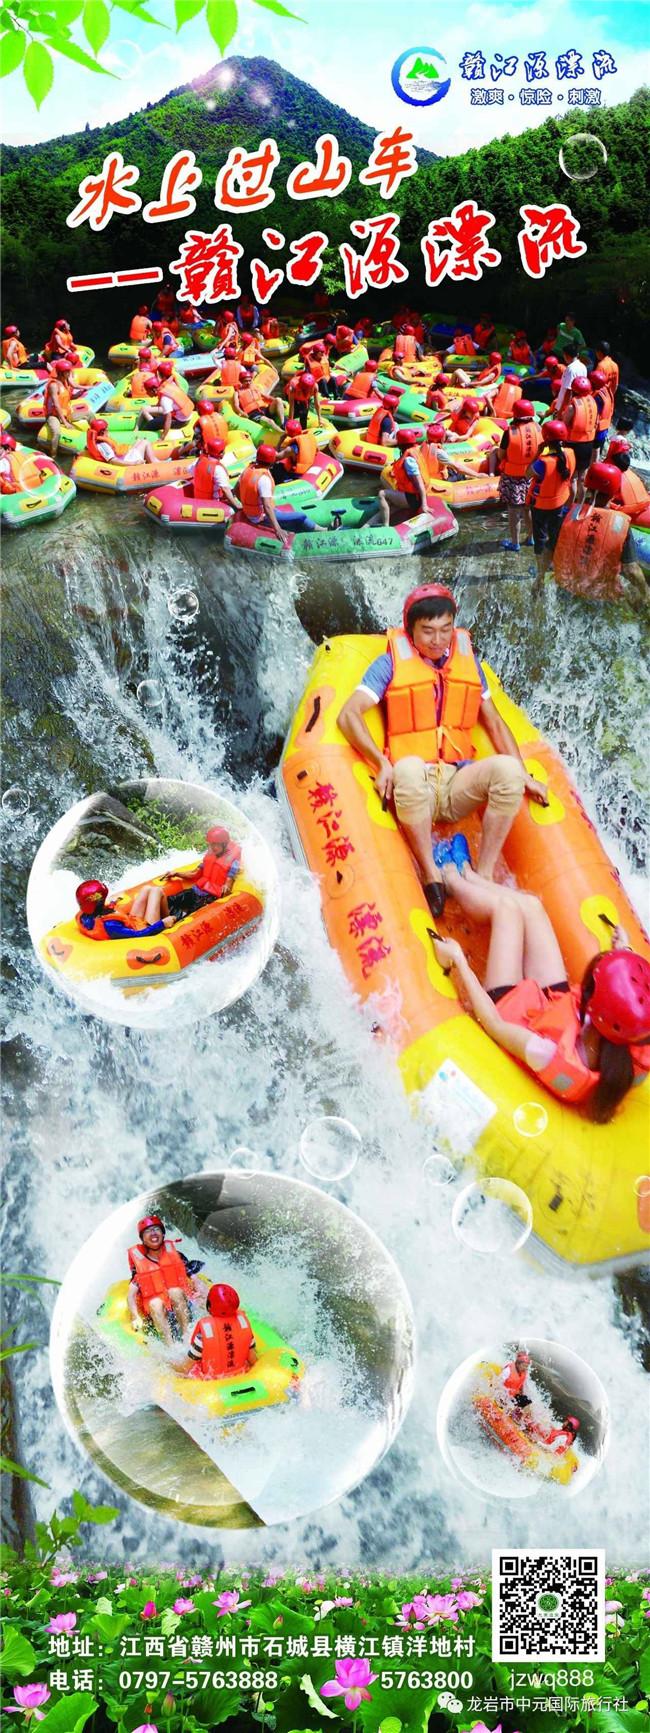 【父亲节·盛夏漂流,水上过山车】¥168起石城赣江源漂流汽车一日游(6月18、25日)